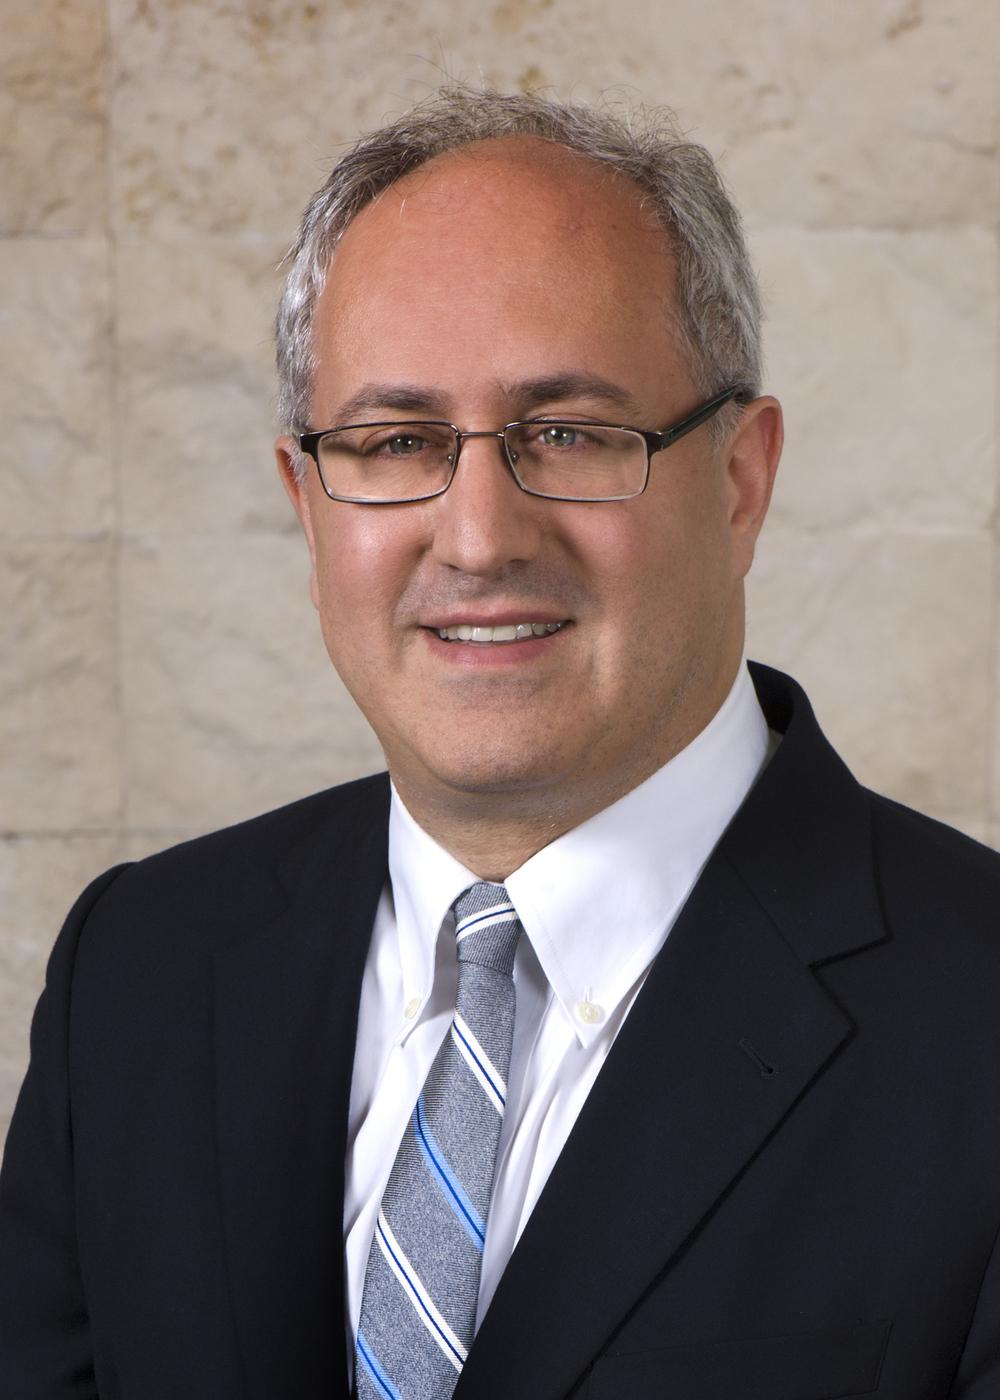 JOHN KIRSNER, Board Chair